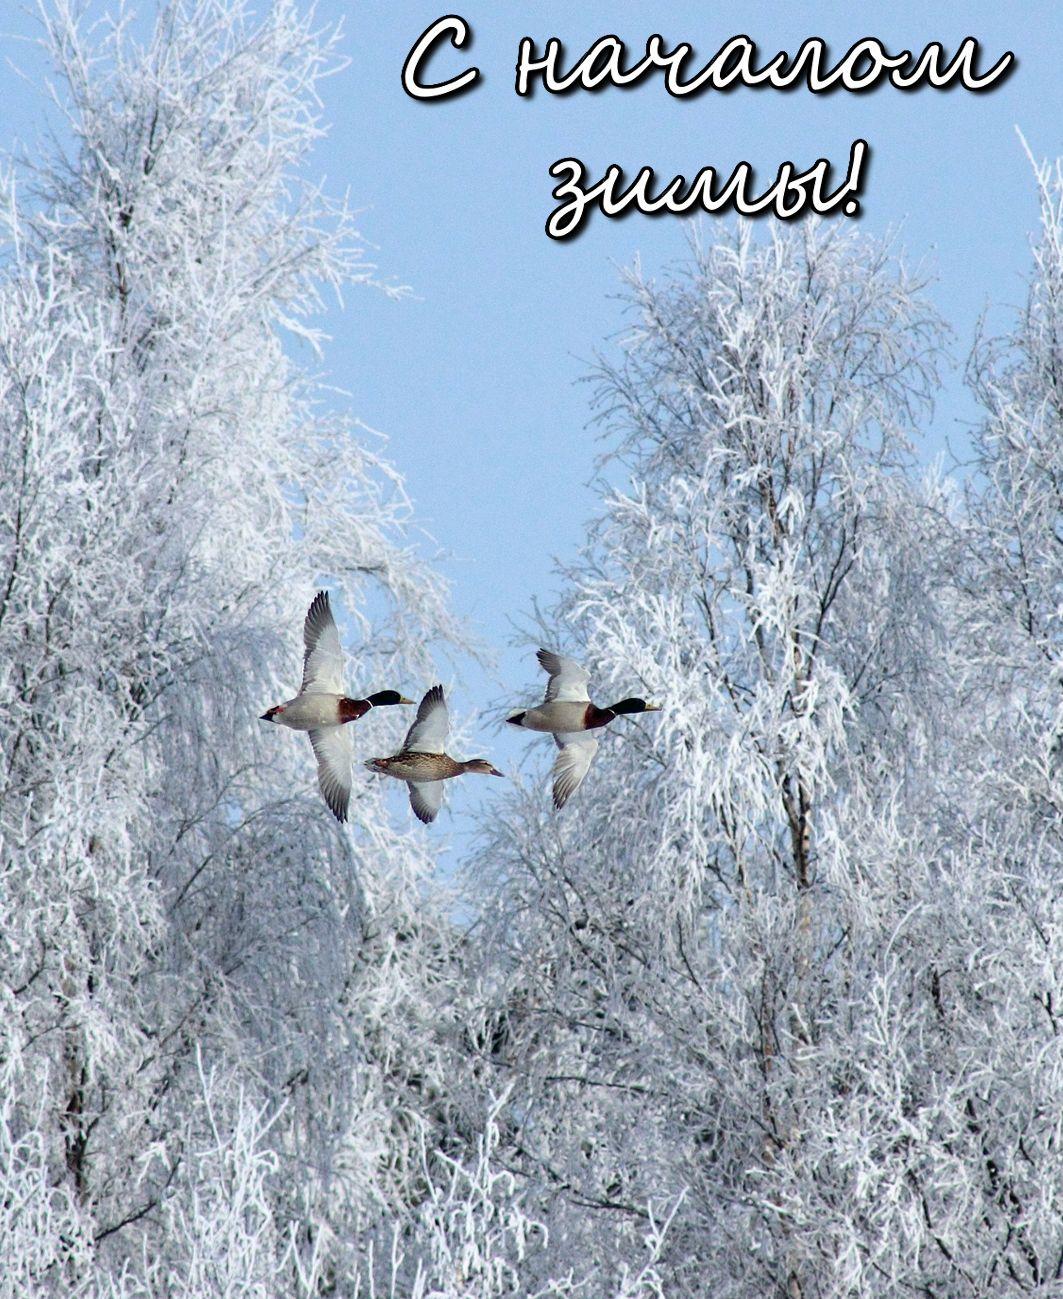 Открытка с утками на фоне заснеженных деревьев